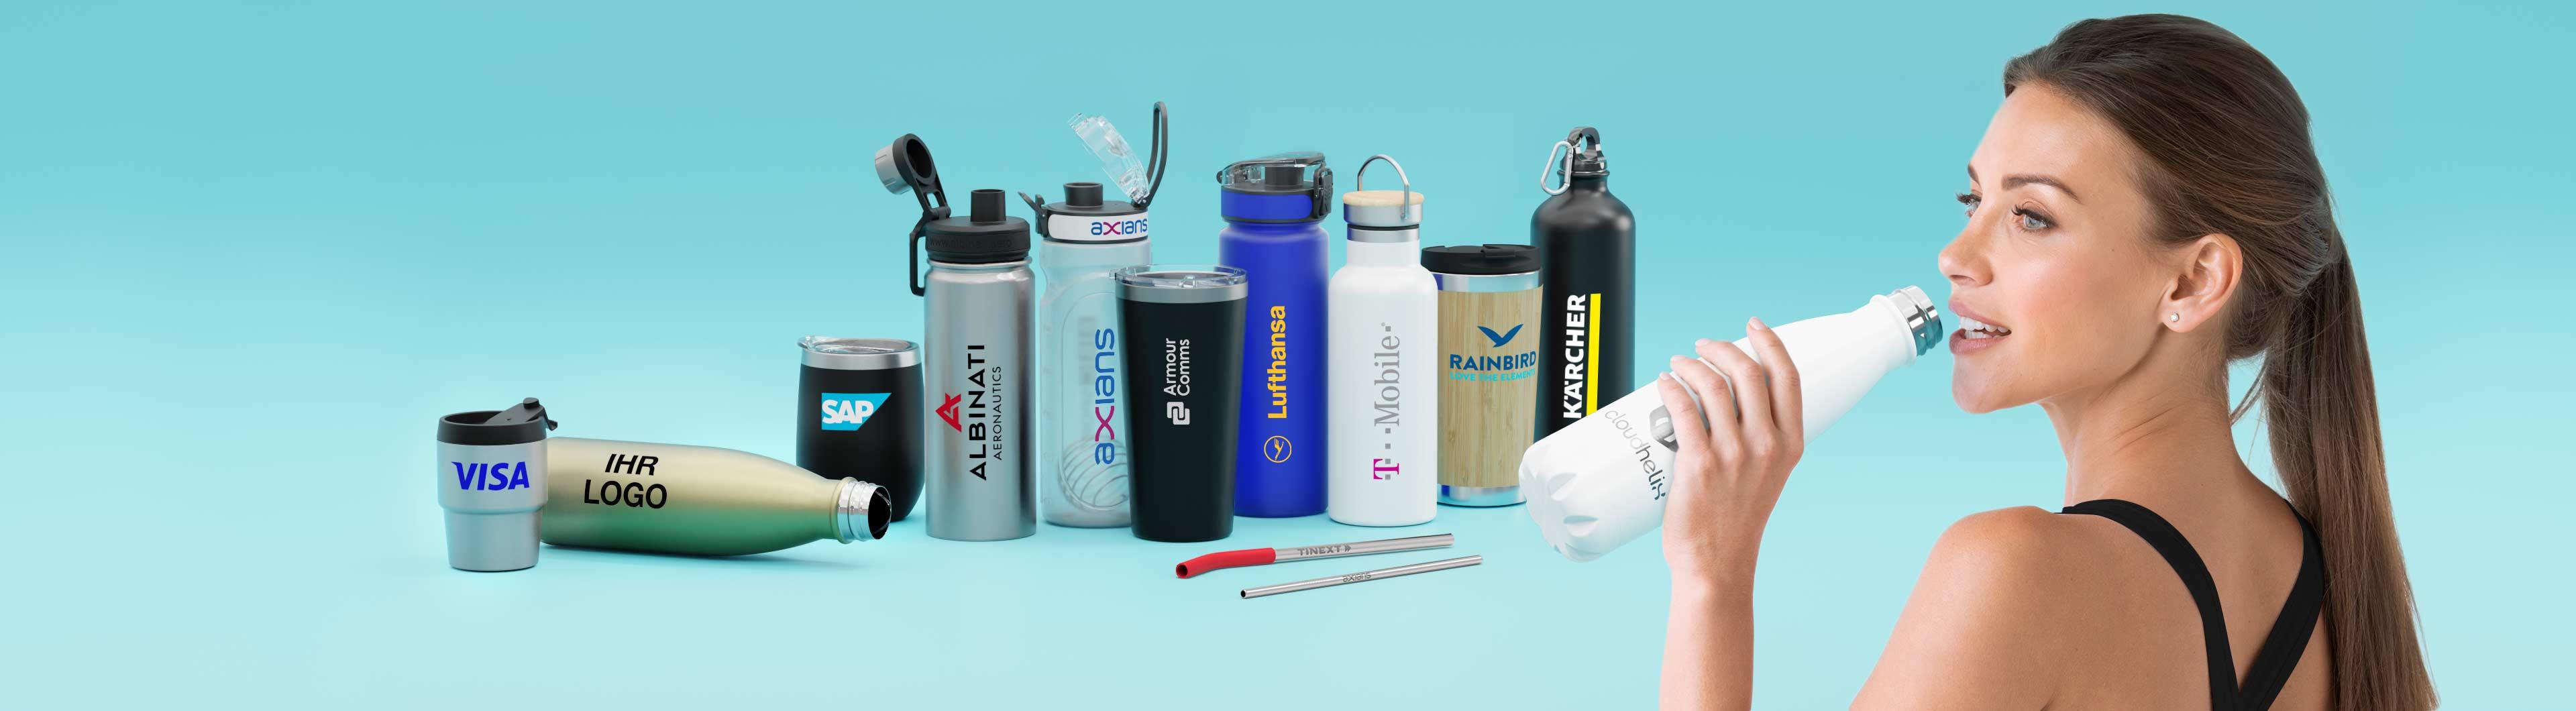 Flasky - Individuelle Wasserflaschen